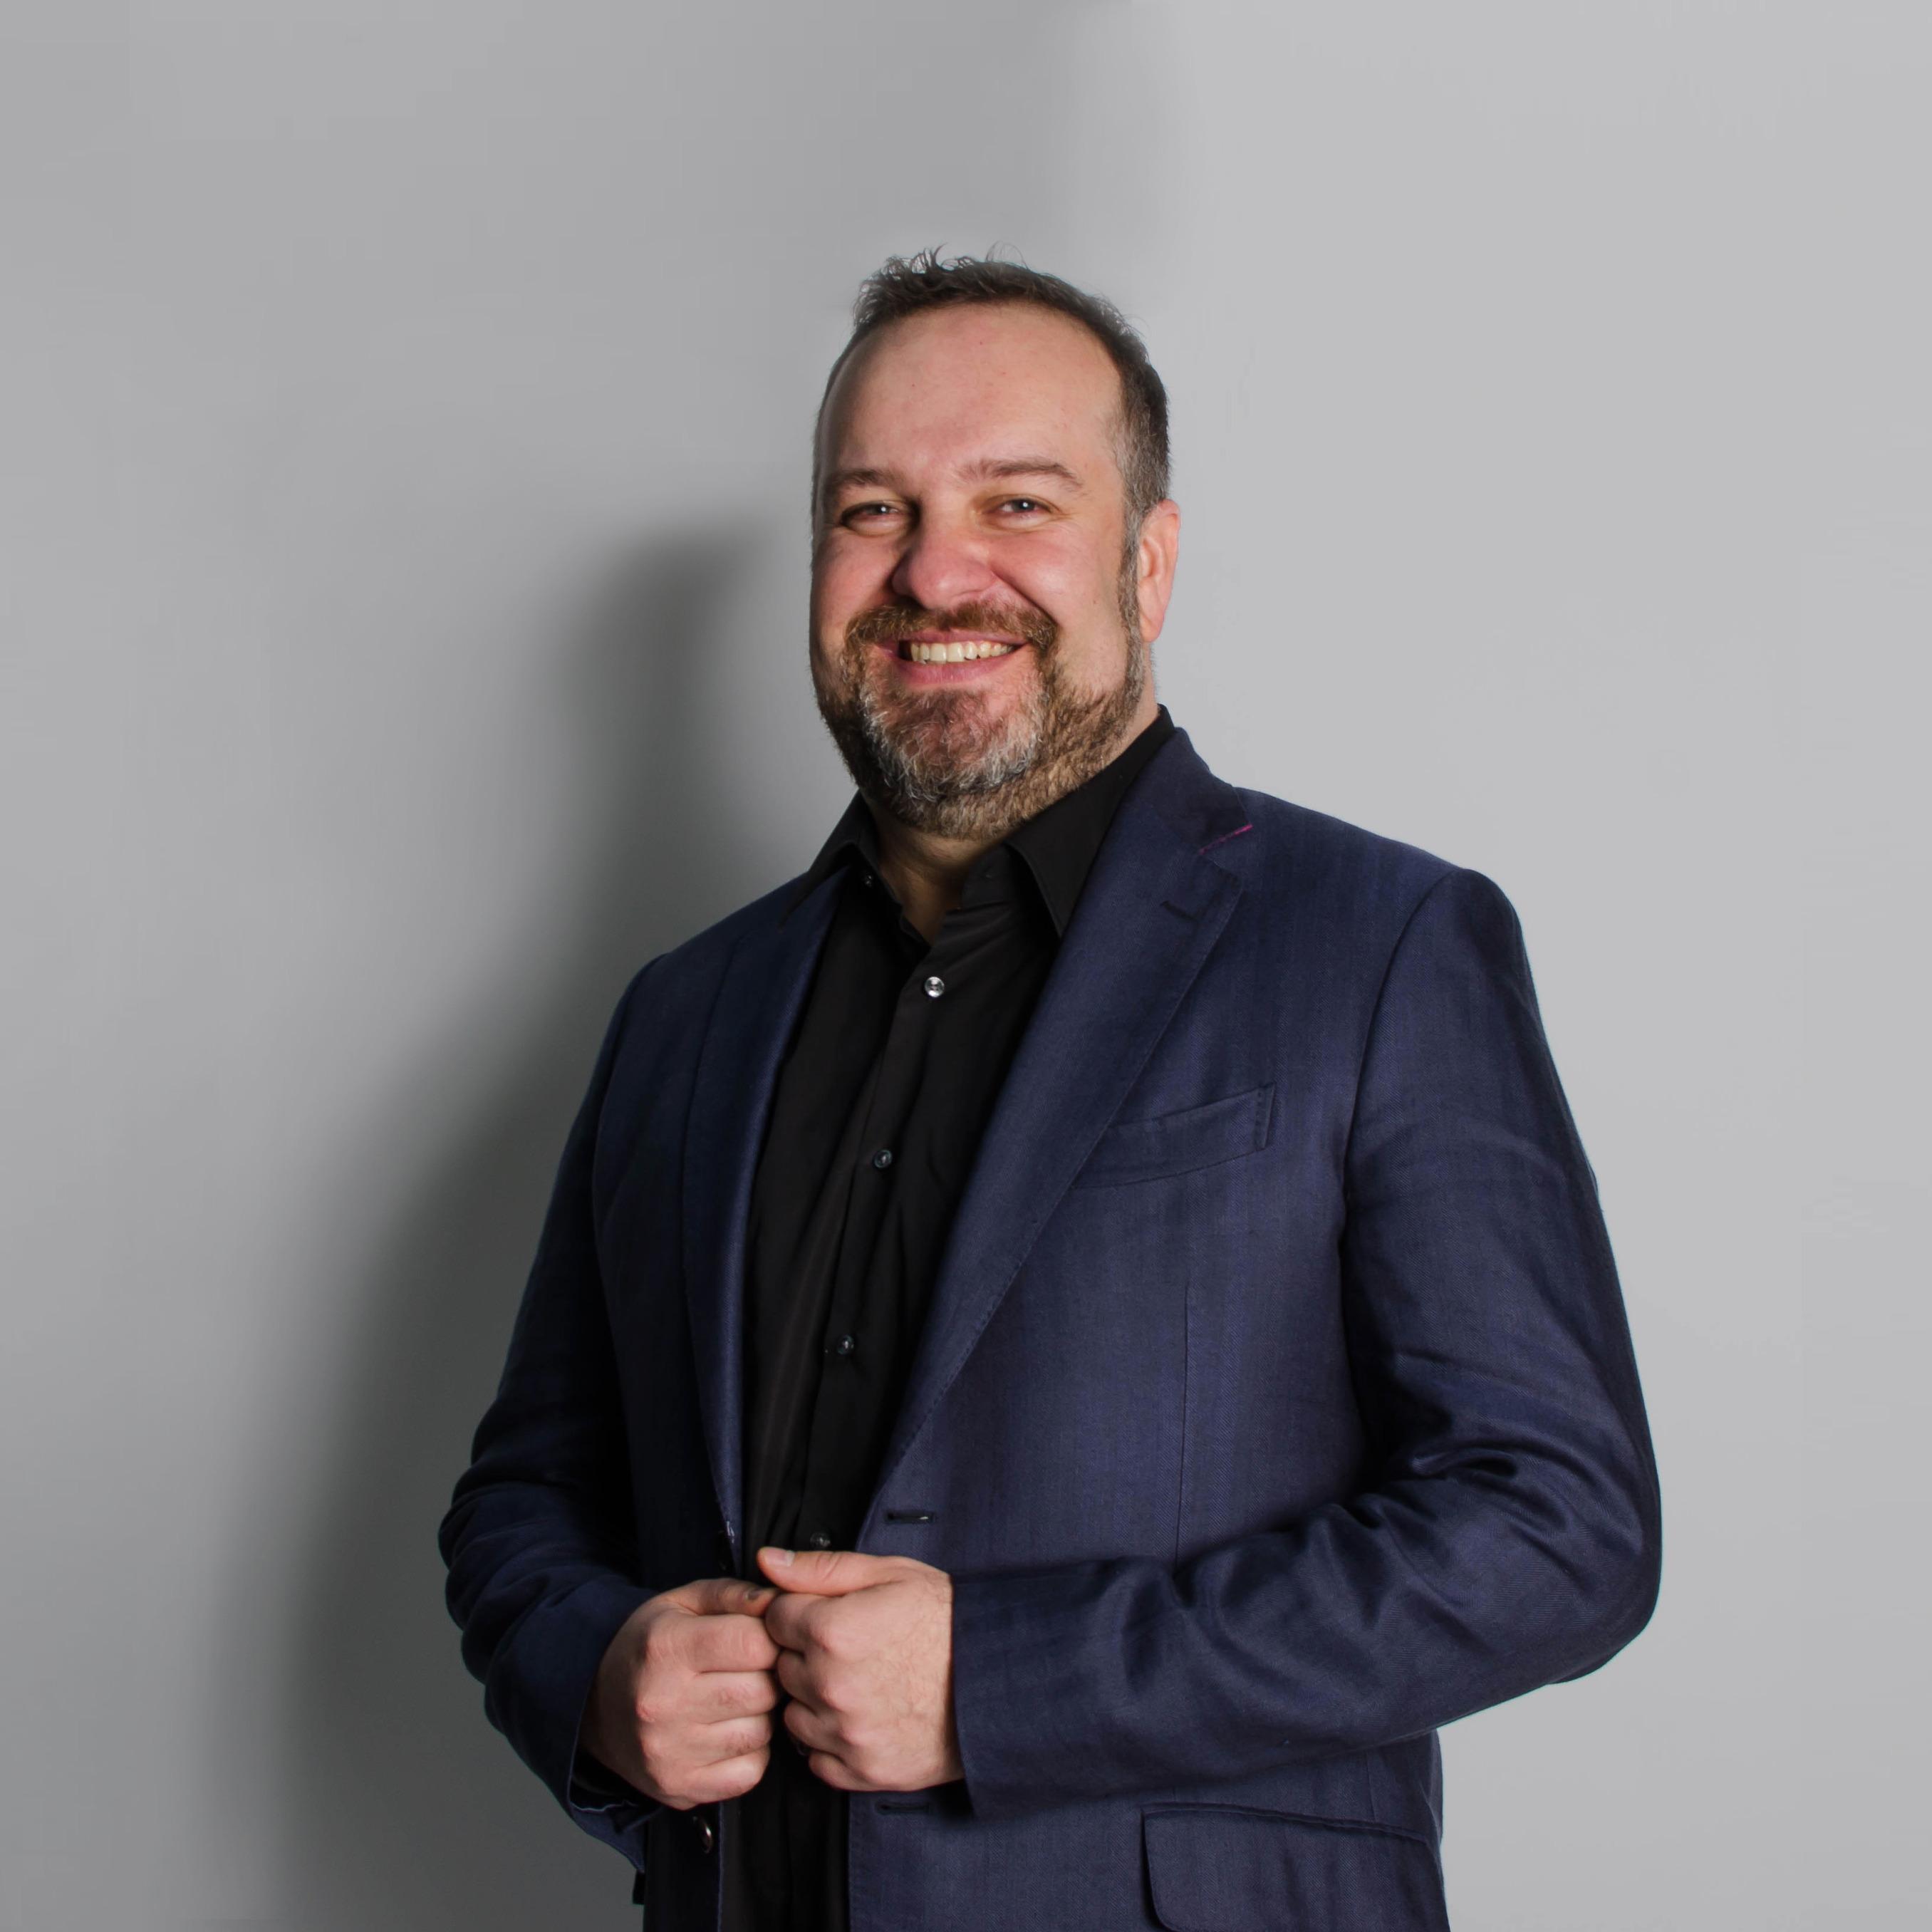 Omar Schoijet